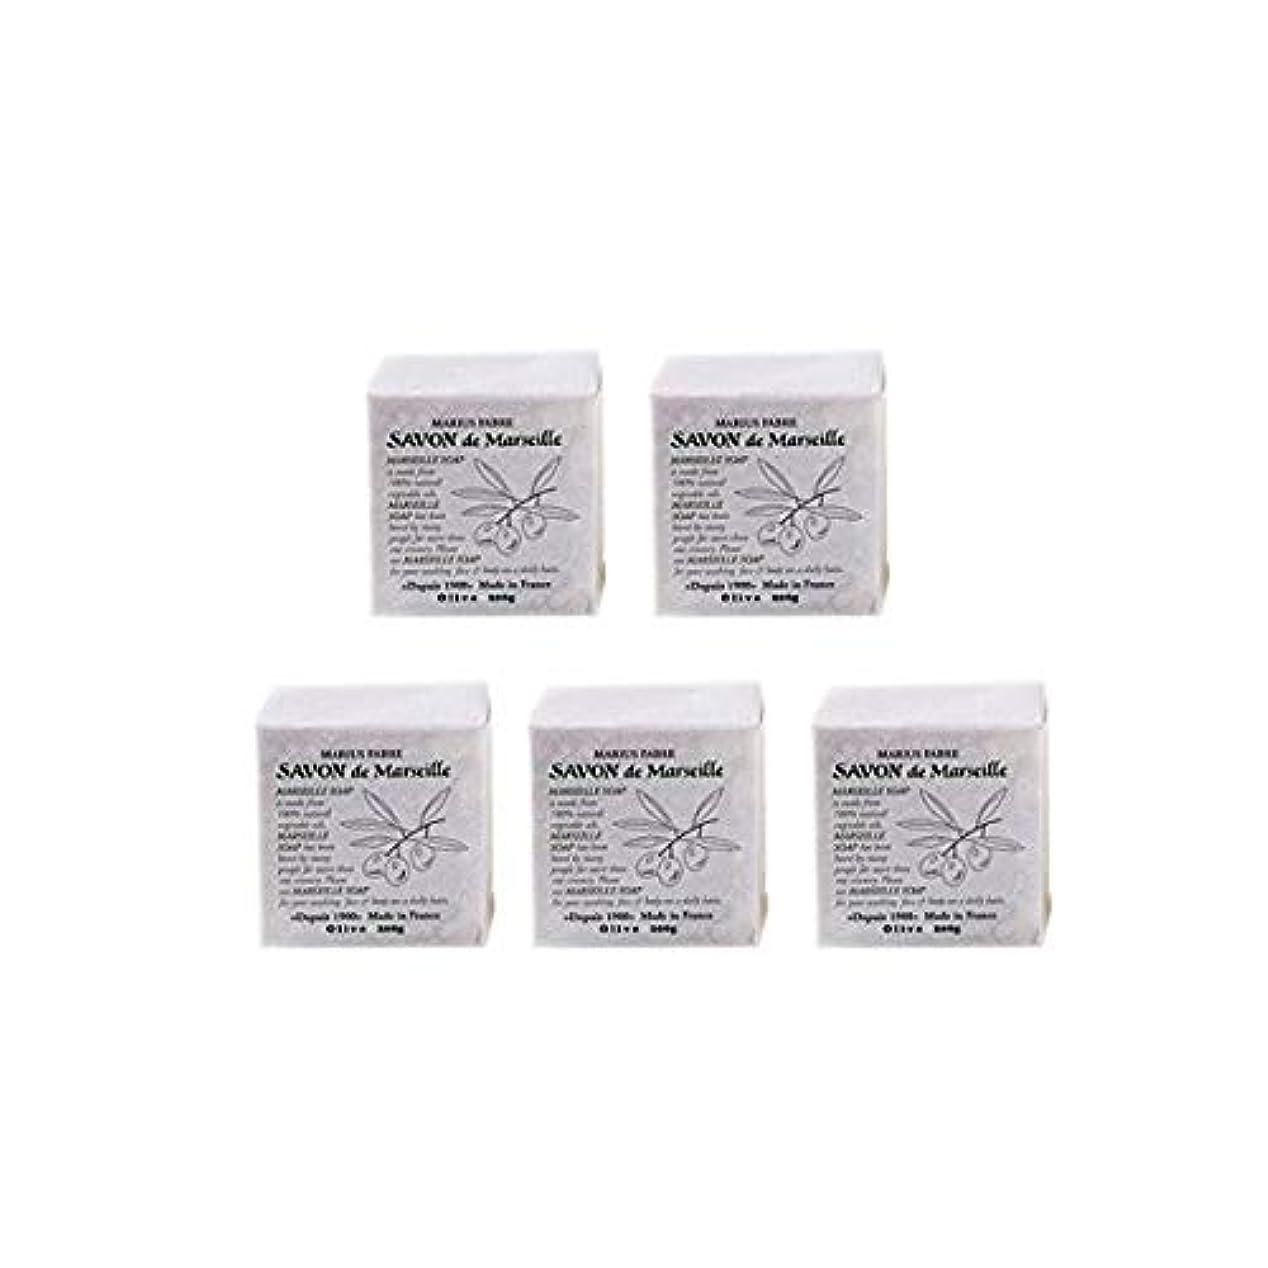 肥沃な然としたスラム街マリウスファーブルサボンドマルセイユ無香料オリーブN(無香料)5個セット(200g×5個)マリウスファーブルのマルセイユ石鹸 無香料